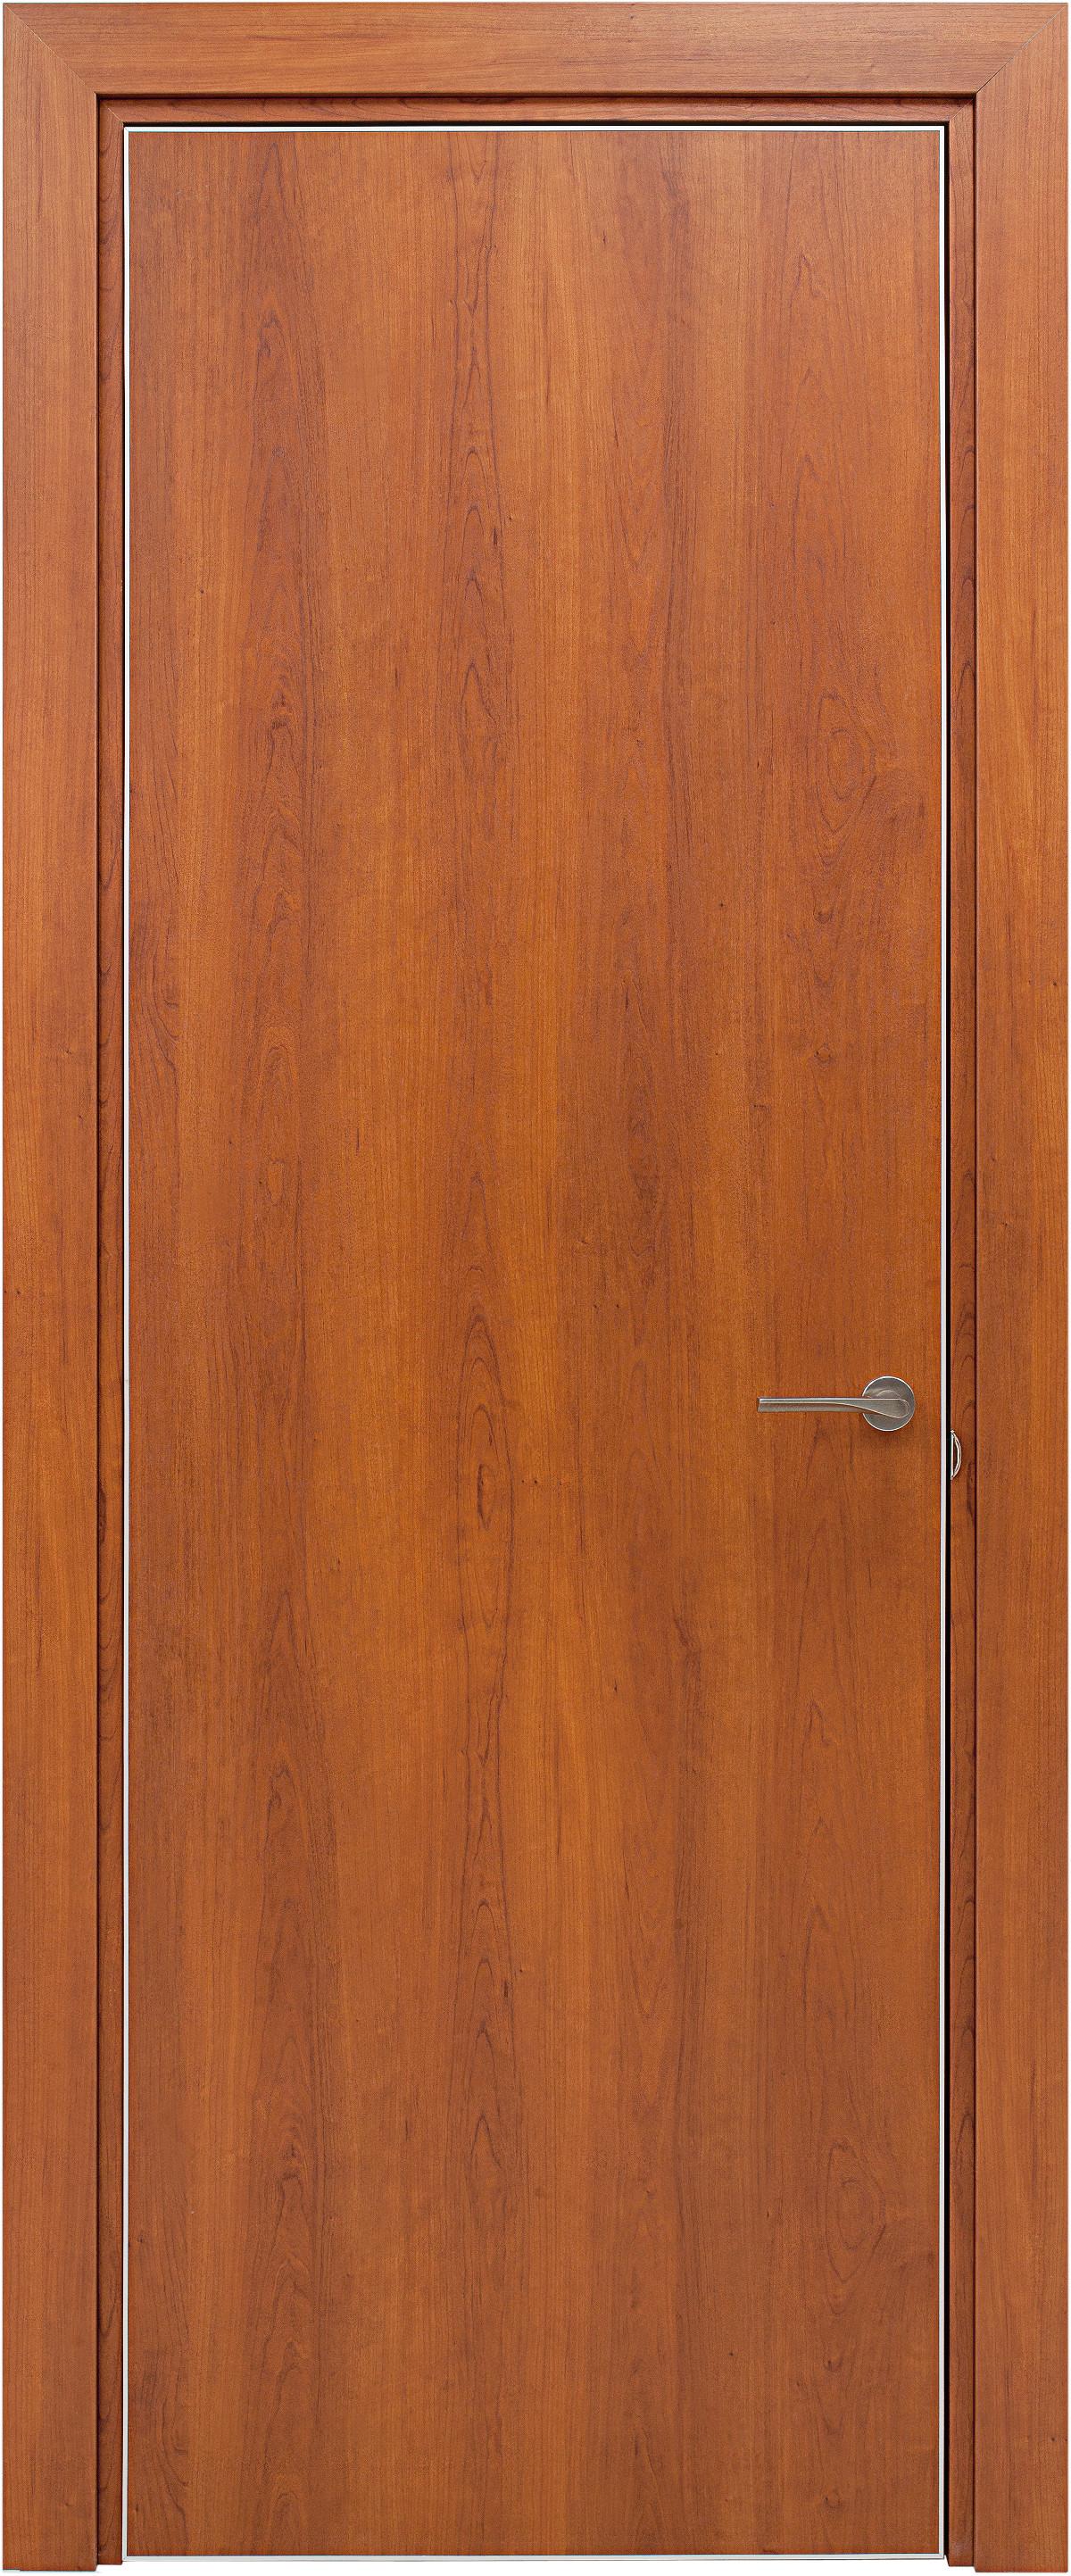 Межкомнатная / входная дверь, отделка: экошпон ЧЕРЕШНЯ, Glossy